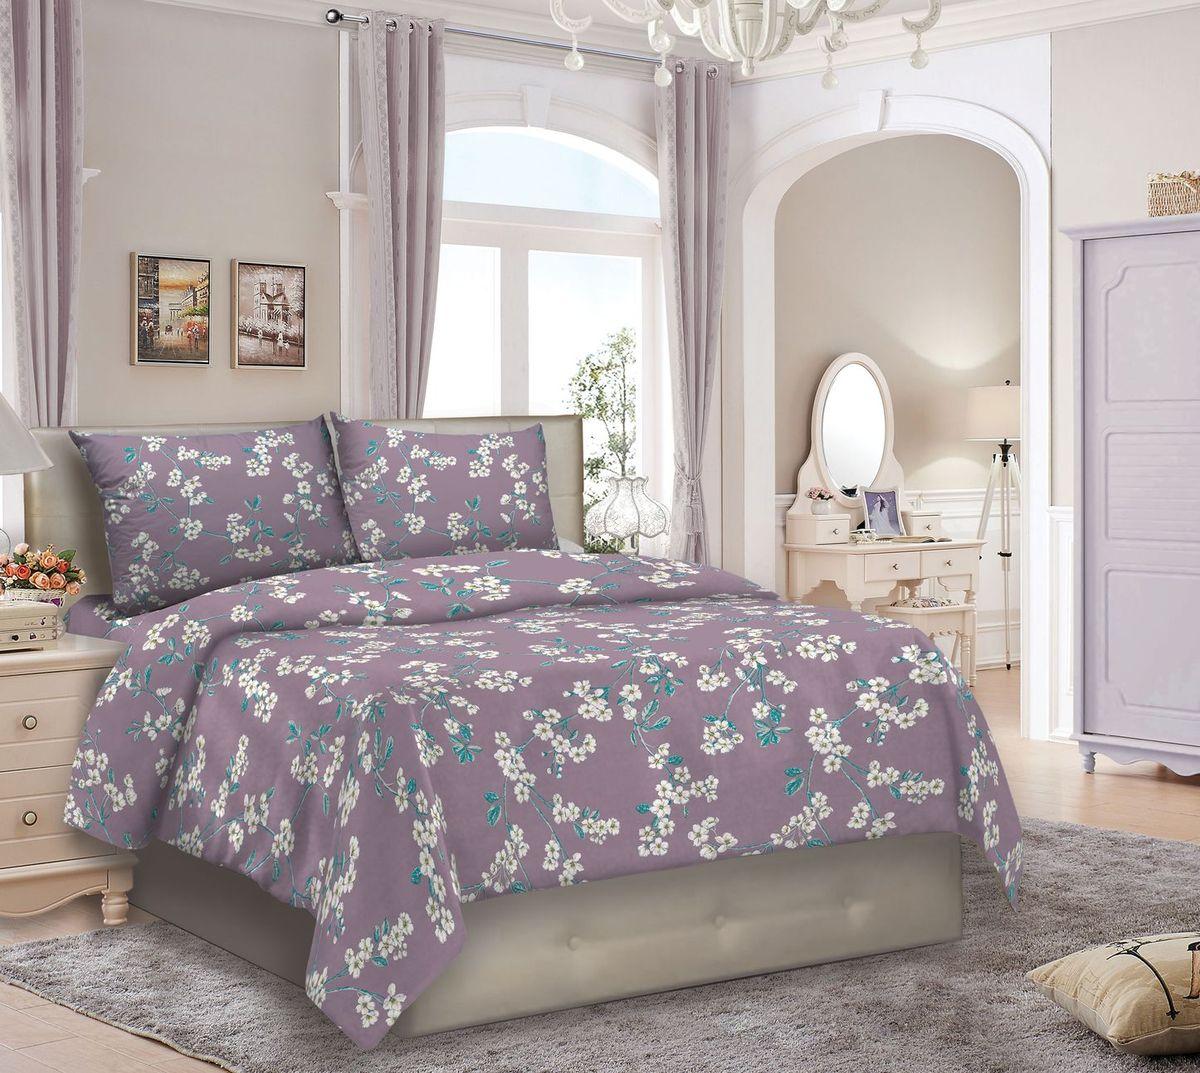 Комплект белья Seta Federico. Eneada, 1,5-спальный, наволочки 50х70015712265Бязевое белье выдерживает бесконечное число стирок, к тому же стоит сравнительно недорого. Лучшее соотношение цены, качества ткани и современных дизайнов.